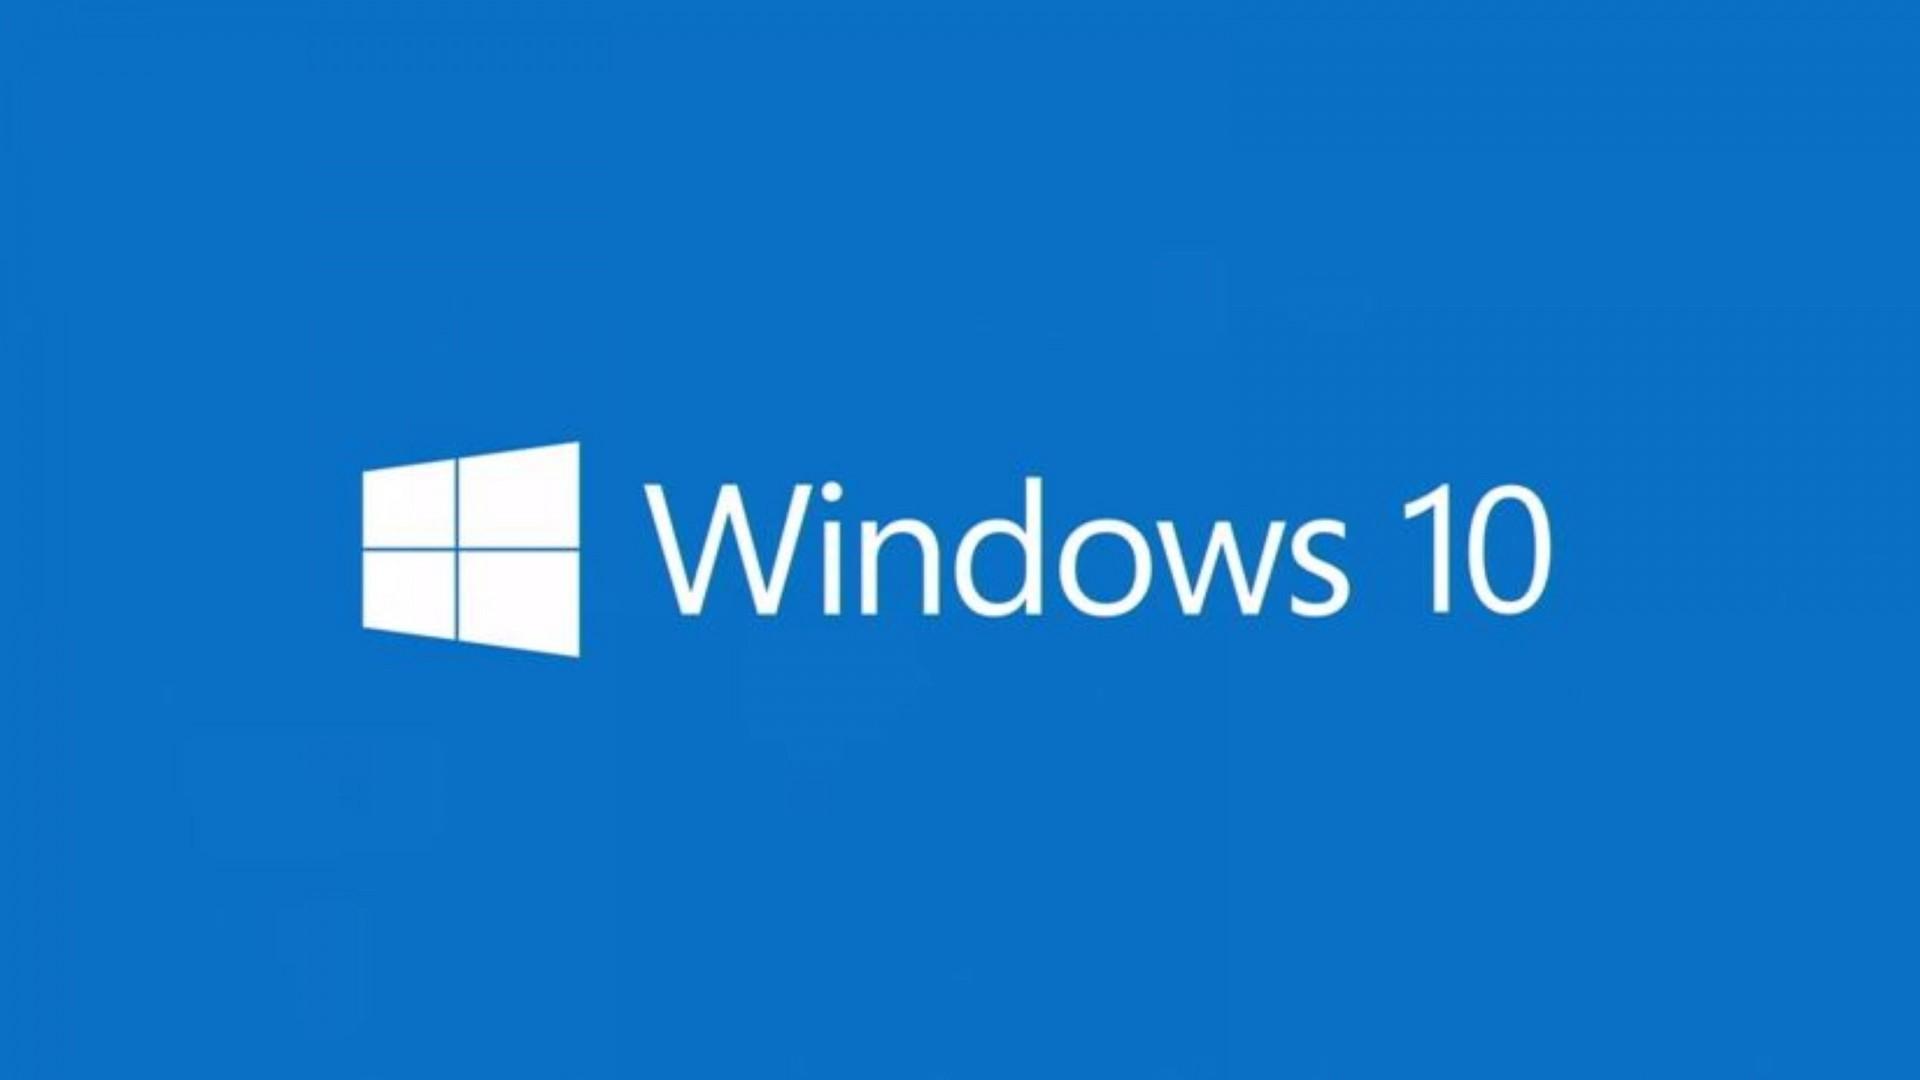 368200 vertical windows 10 wallpaper hd 1080p